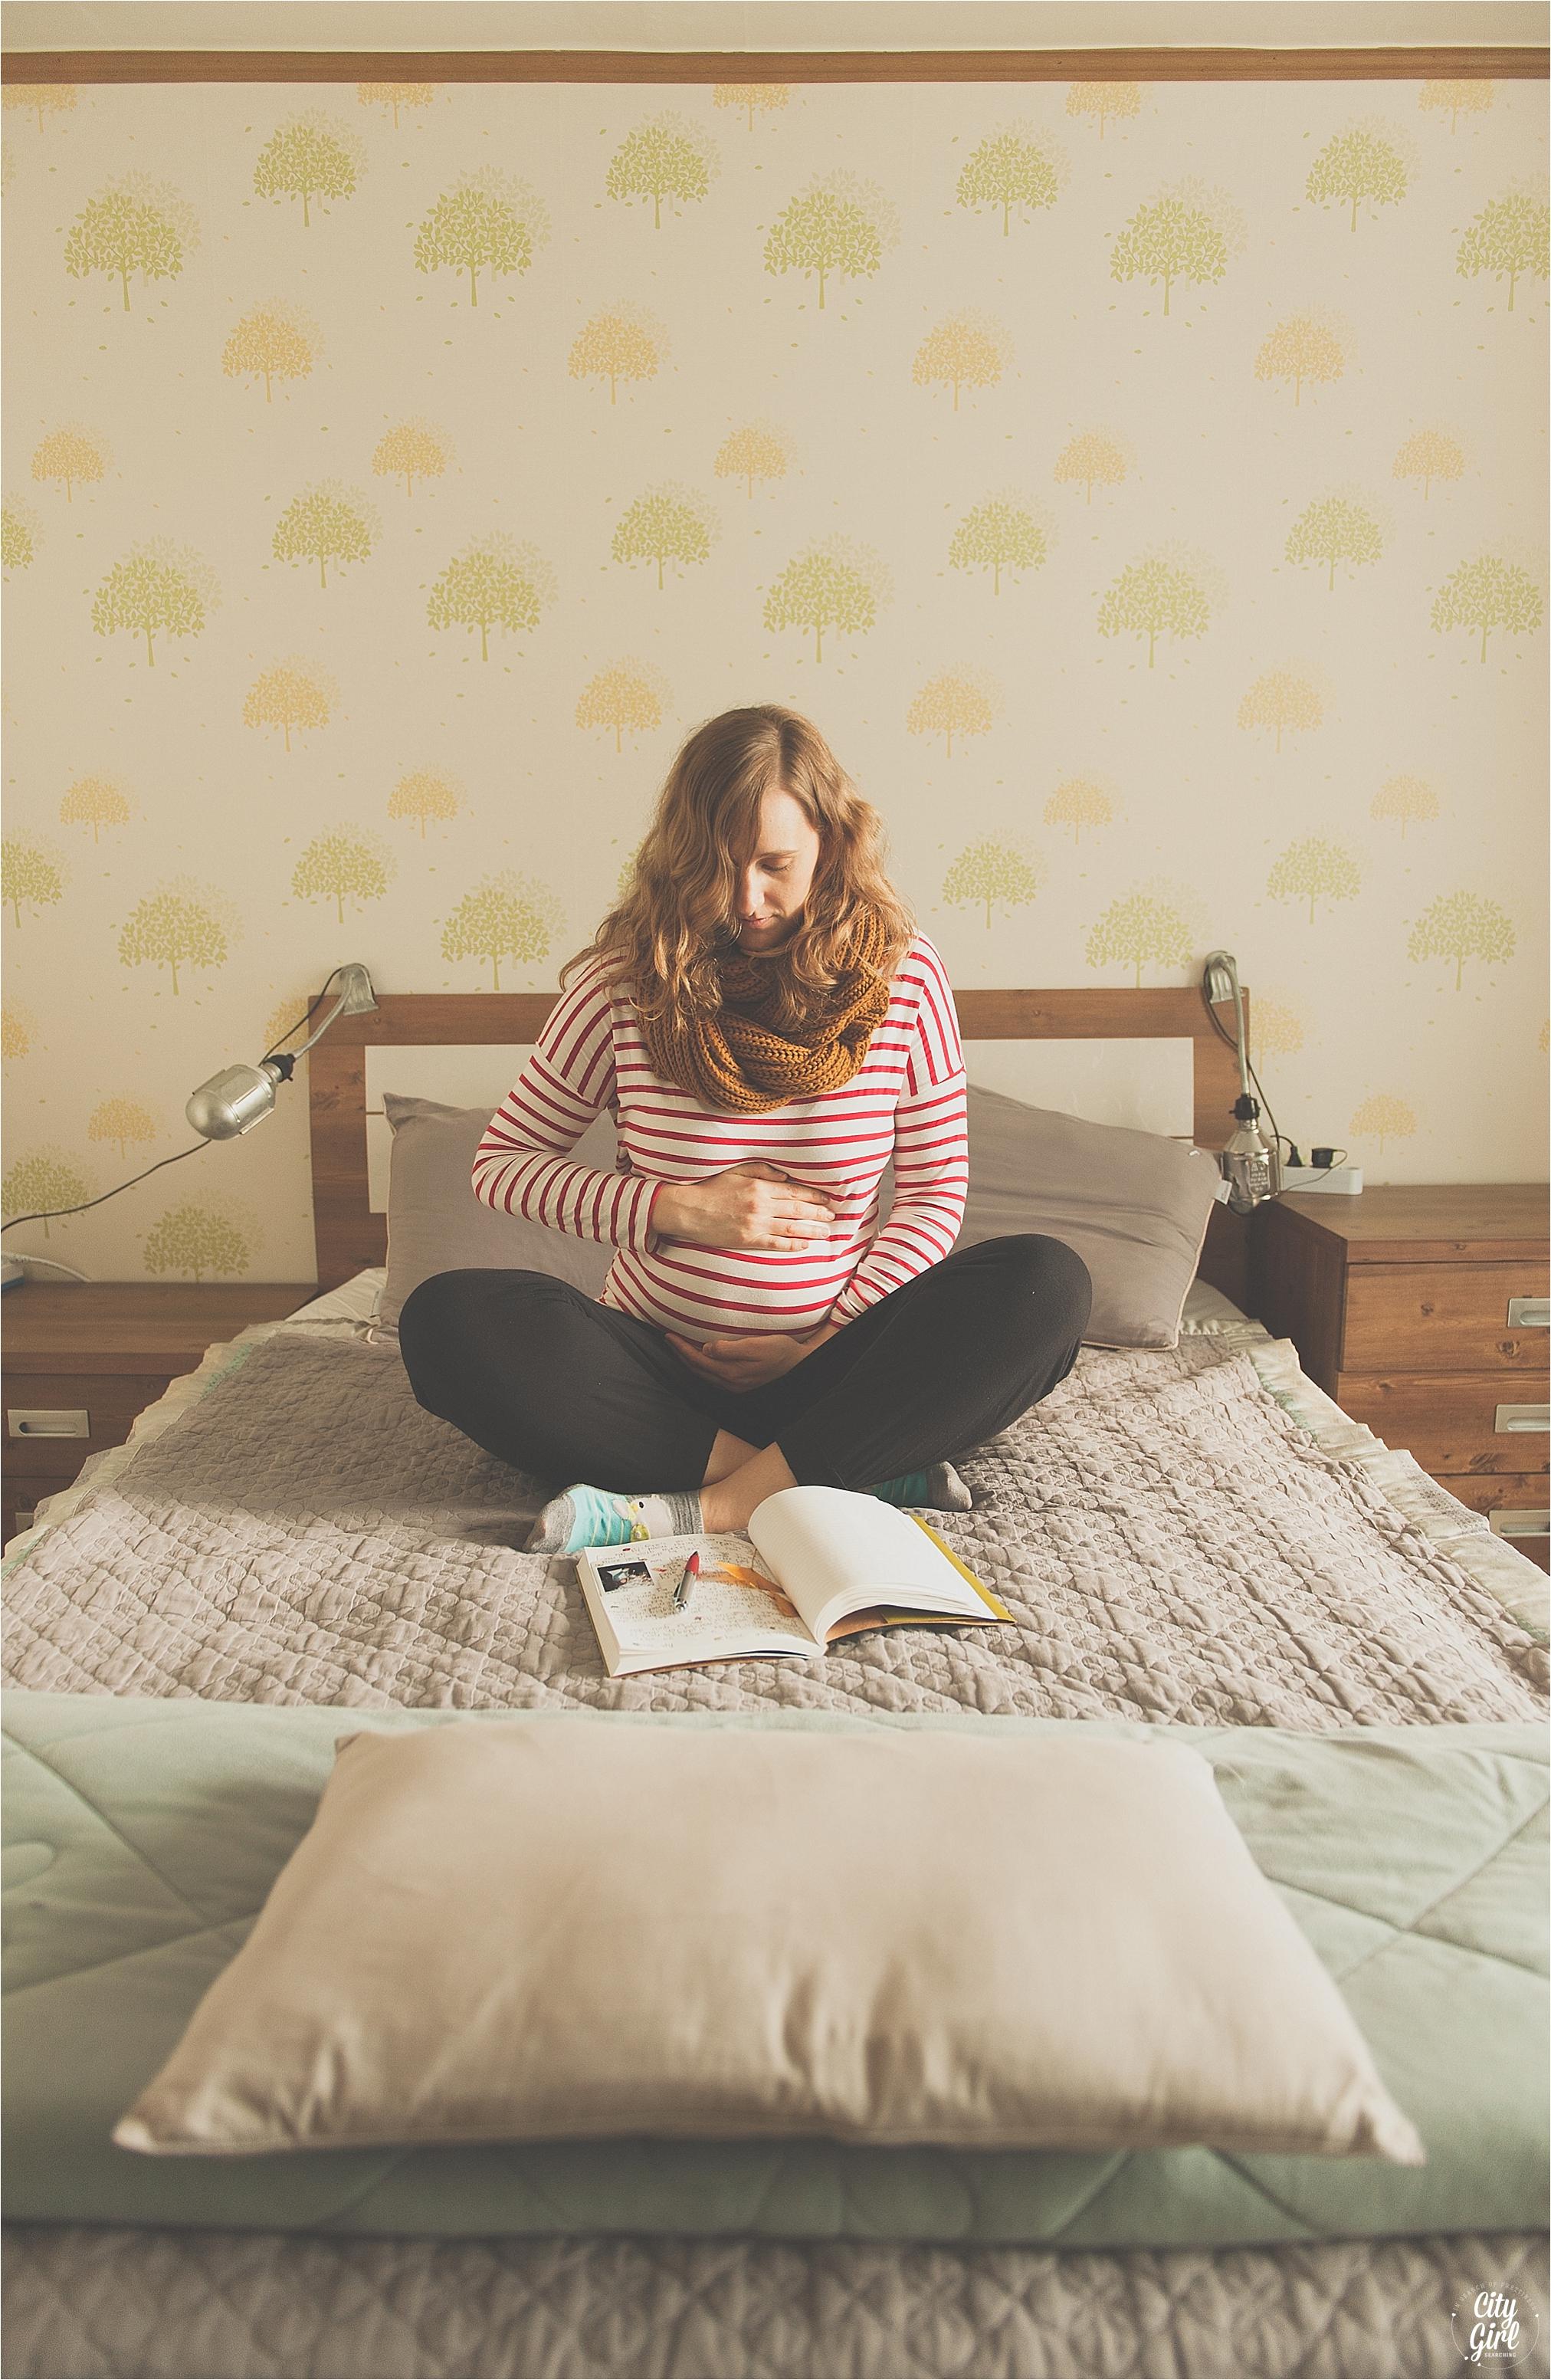 MaternityShootPhotographerSouthKorea_0013.jpg